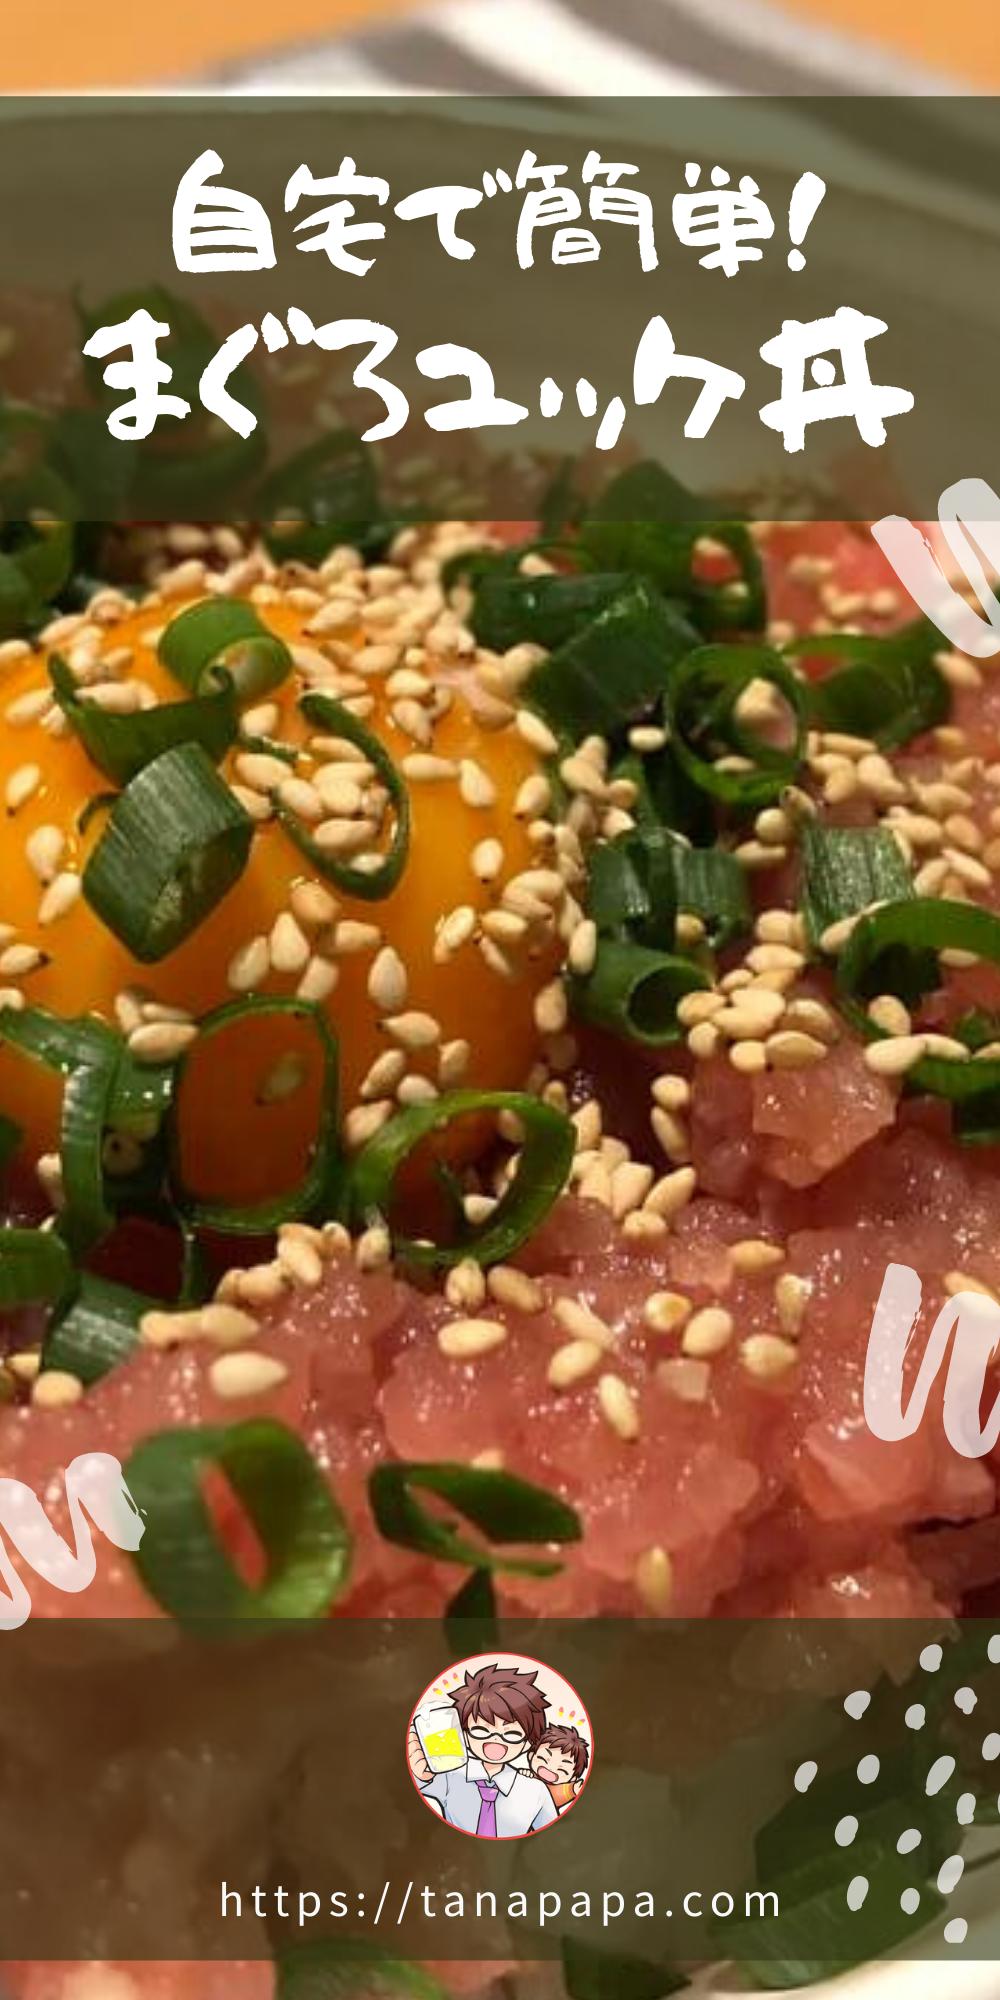 夏バテでちょっと食欲ないかも…。 そんなときはさっぱりまぐろユッケ丼なんていかがでしょうか? さっぱりな味わいながらもご飯がすすむ逸品料理です🙆♂️ #料理 #飯テロ #マグロ #まぐろユッケ